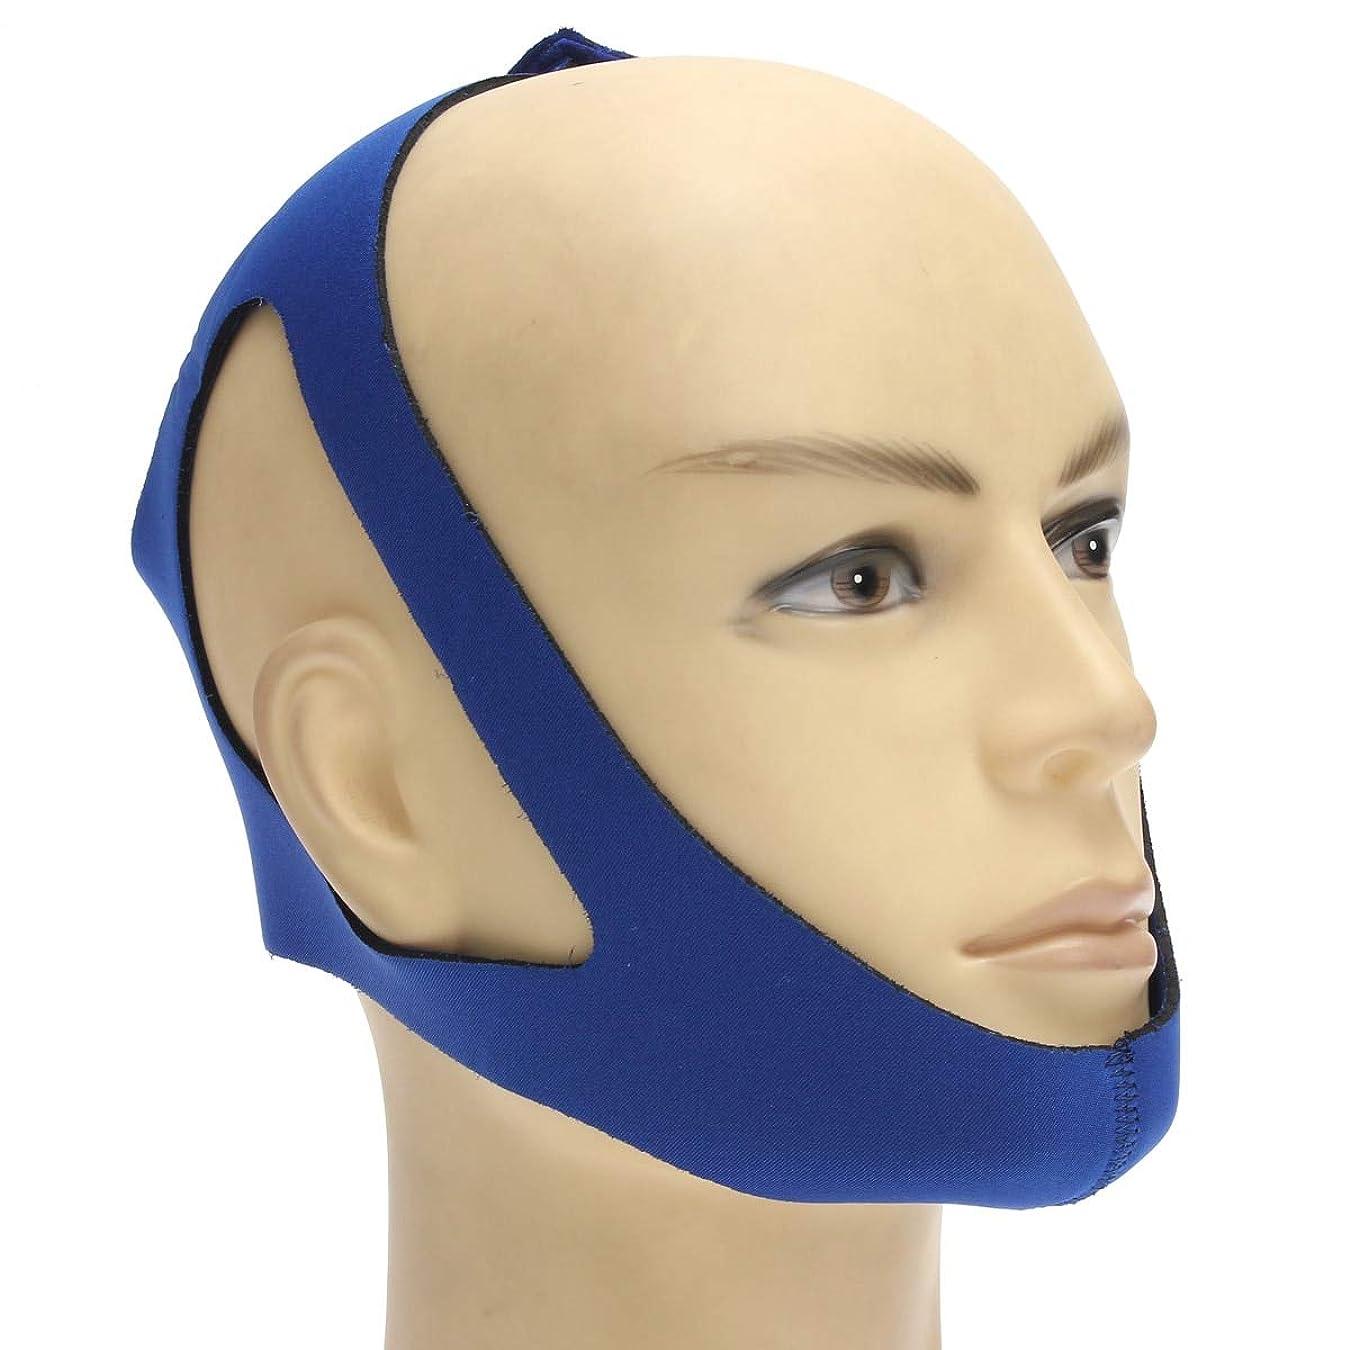 アシュリータファーマン反発するスクワイアNOTE 抗いびきヘッドバンドいびきベルト停止いびき顎サポートストラップブレースデバイス睡眠マスクヘルスケア睡眠ツール用女性男